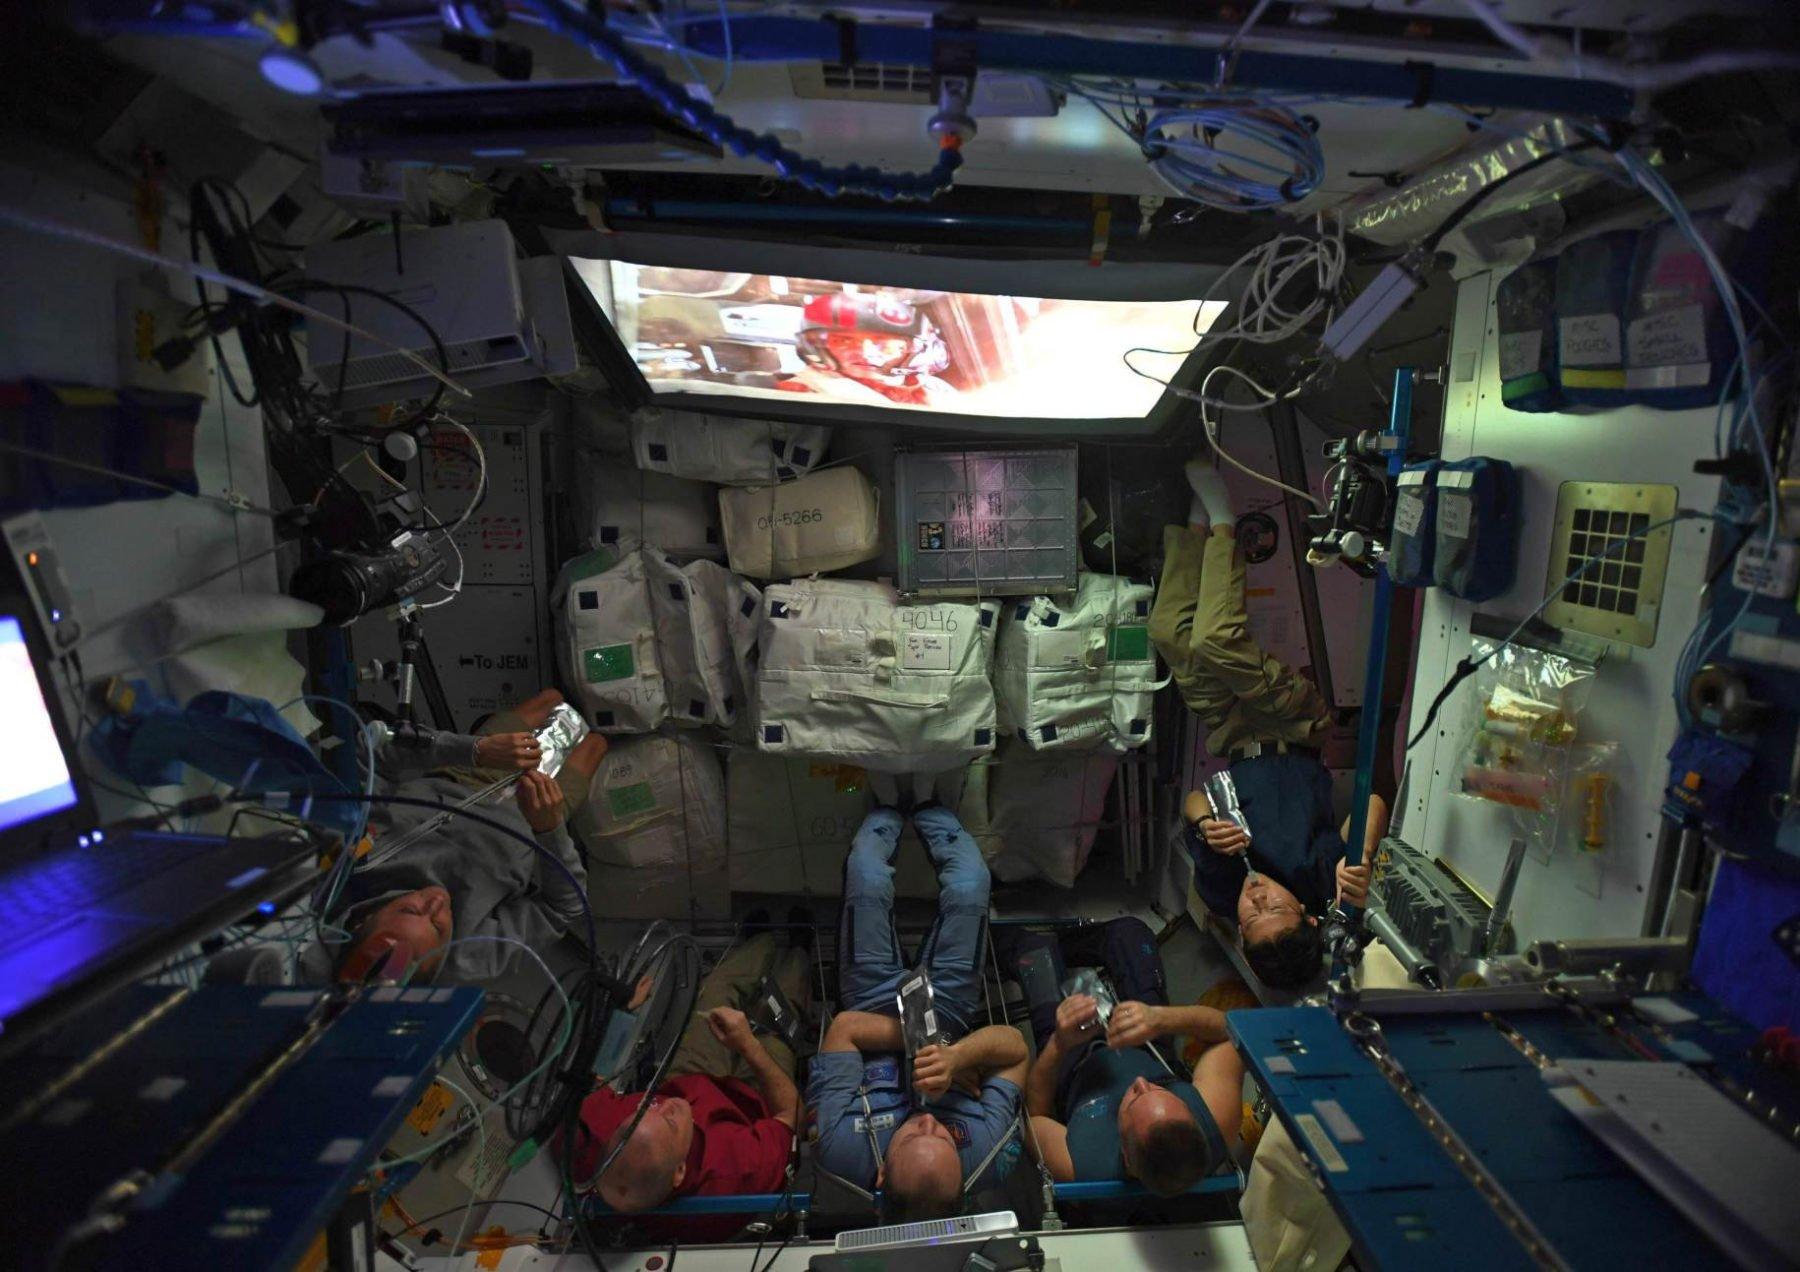 star-wars-aboard-space-station L'image du jour : l'équipage de l'ISS regarde le dernier Star Wars